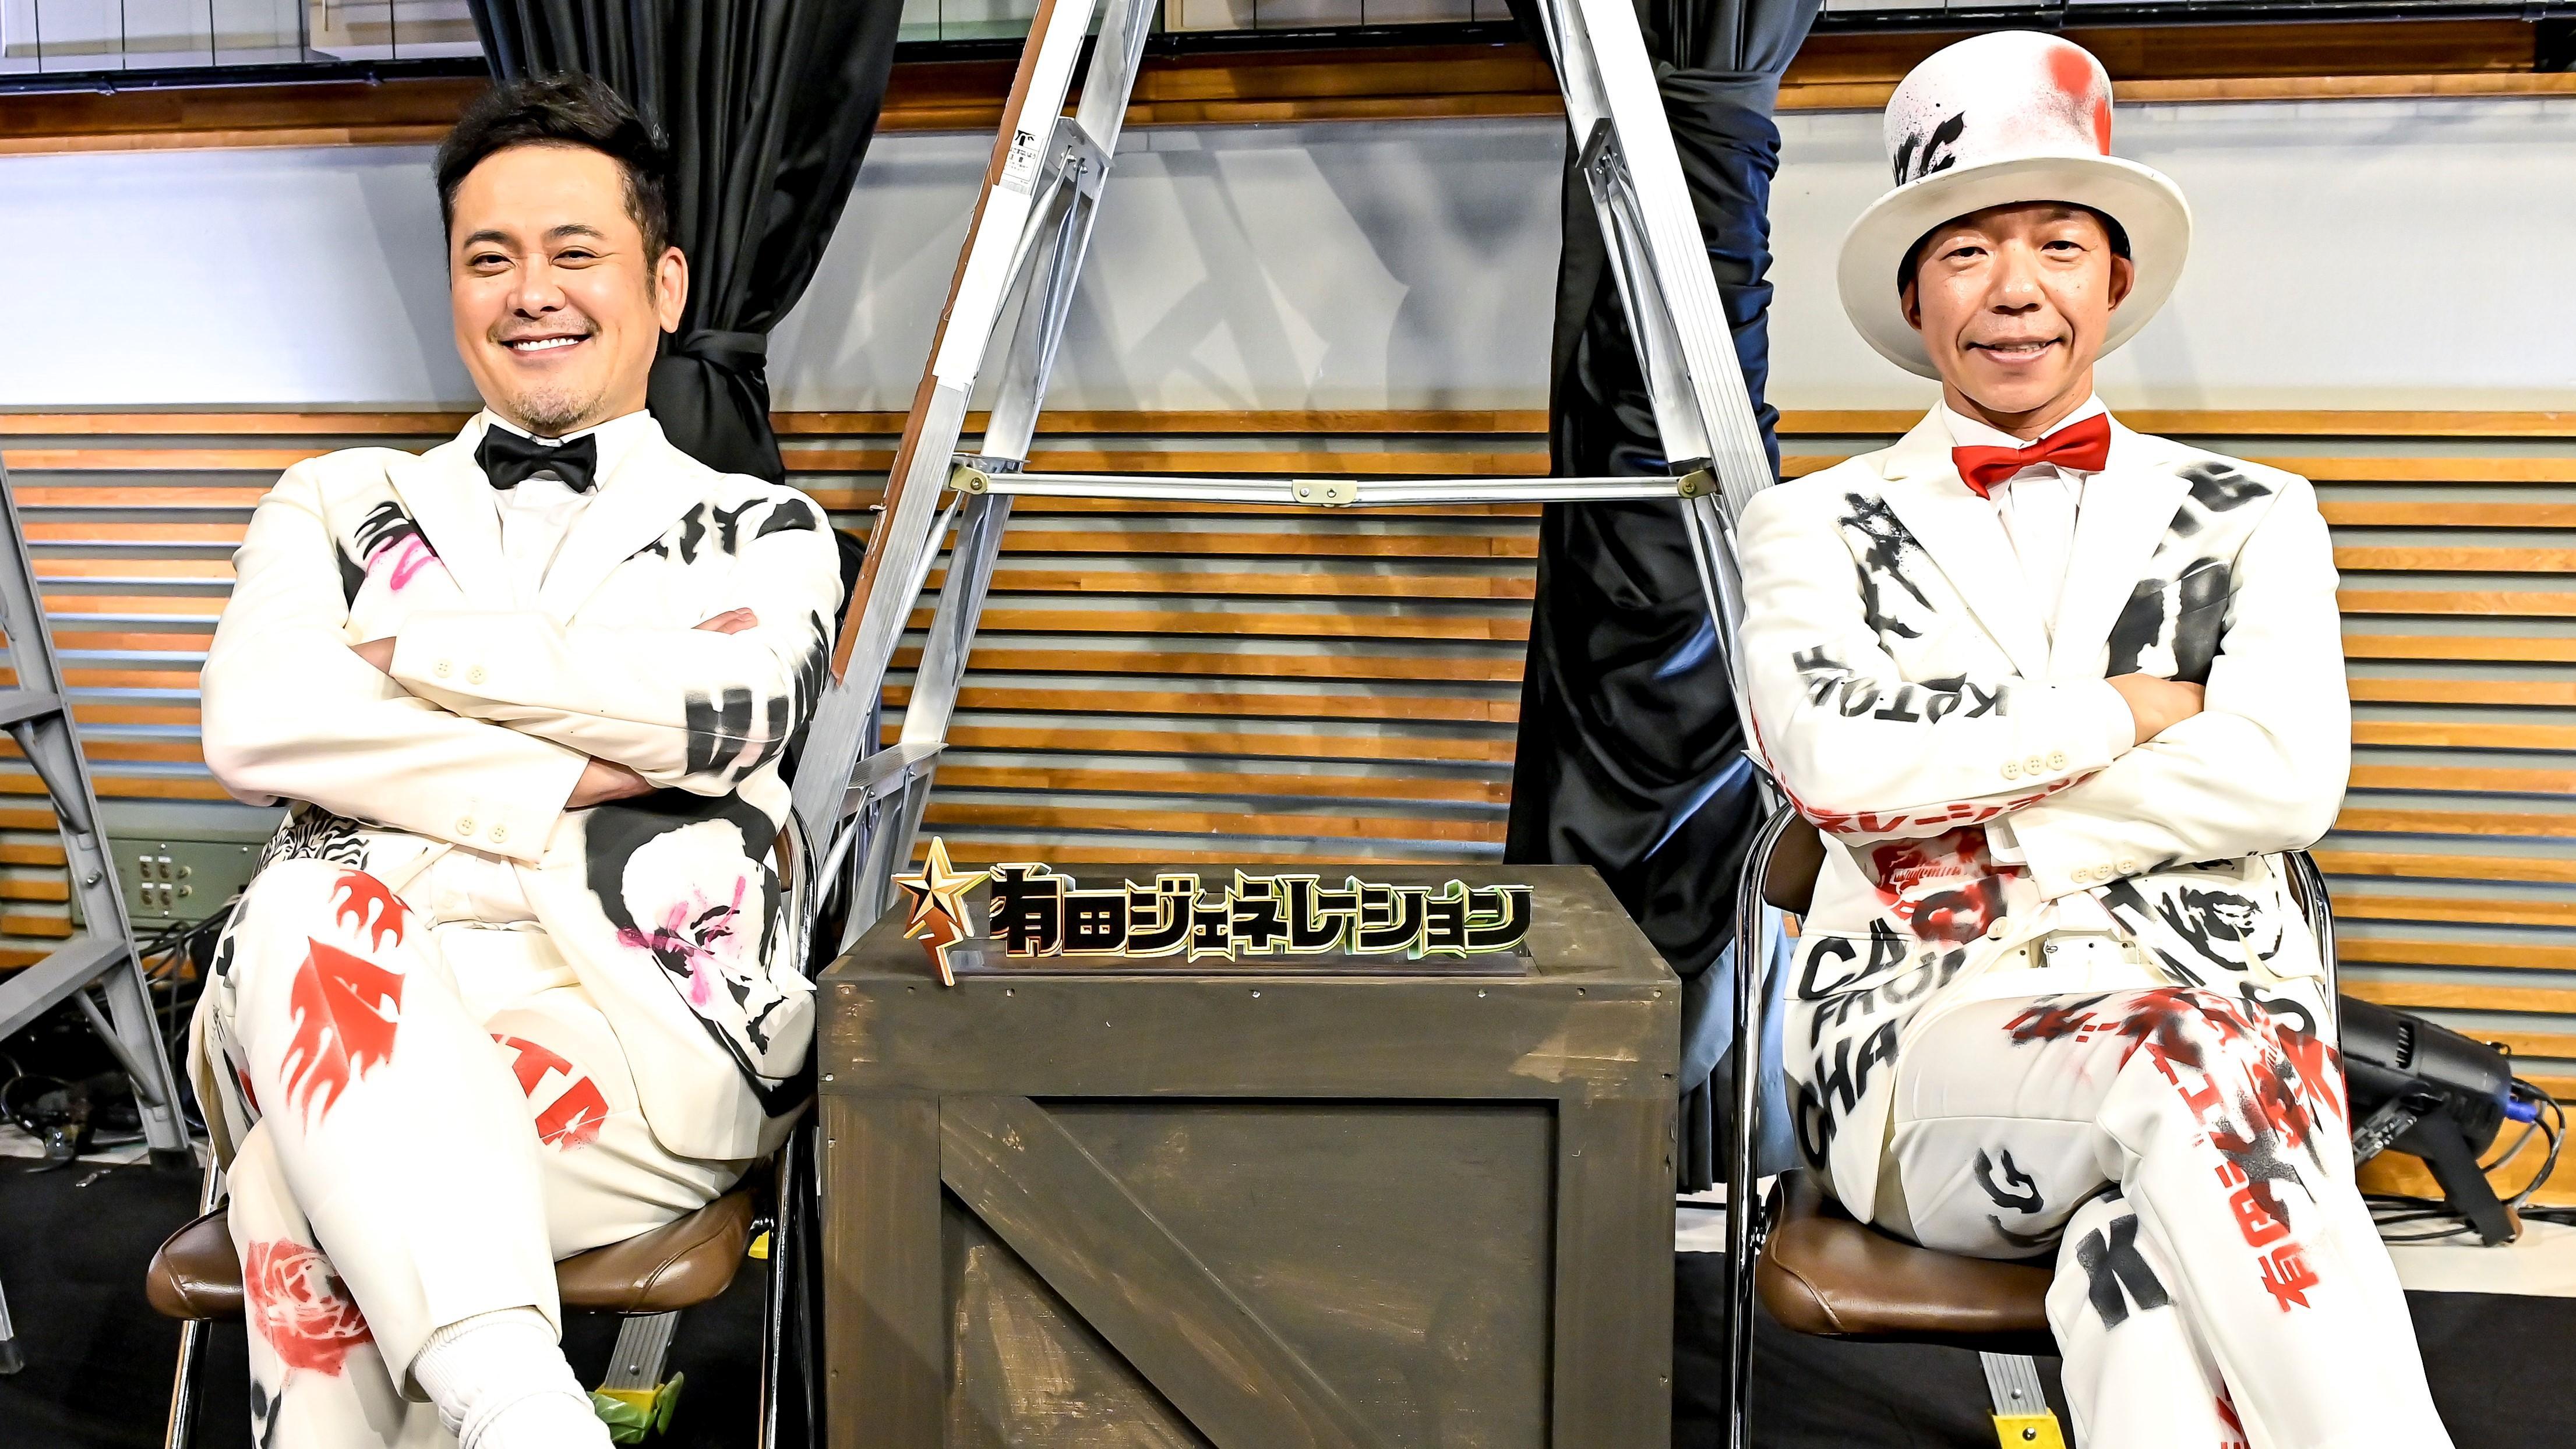 『有ジェネ』有田哲平&小峠英二インタビュー!「原点回帰した気がする」